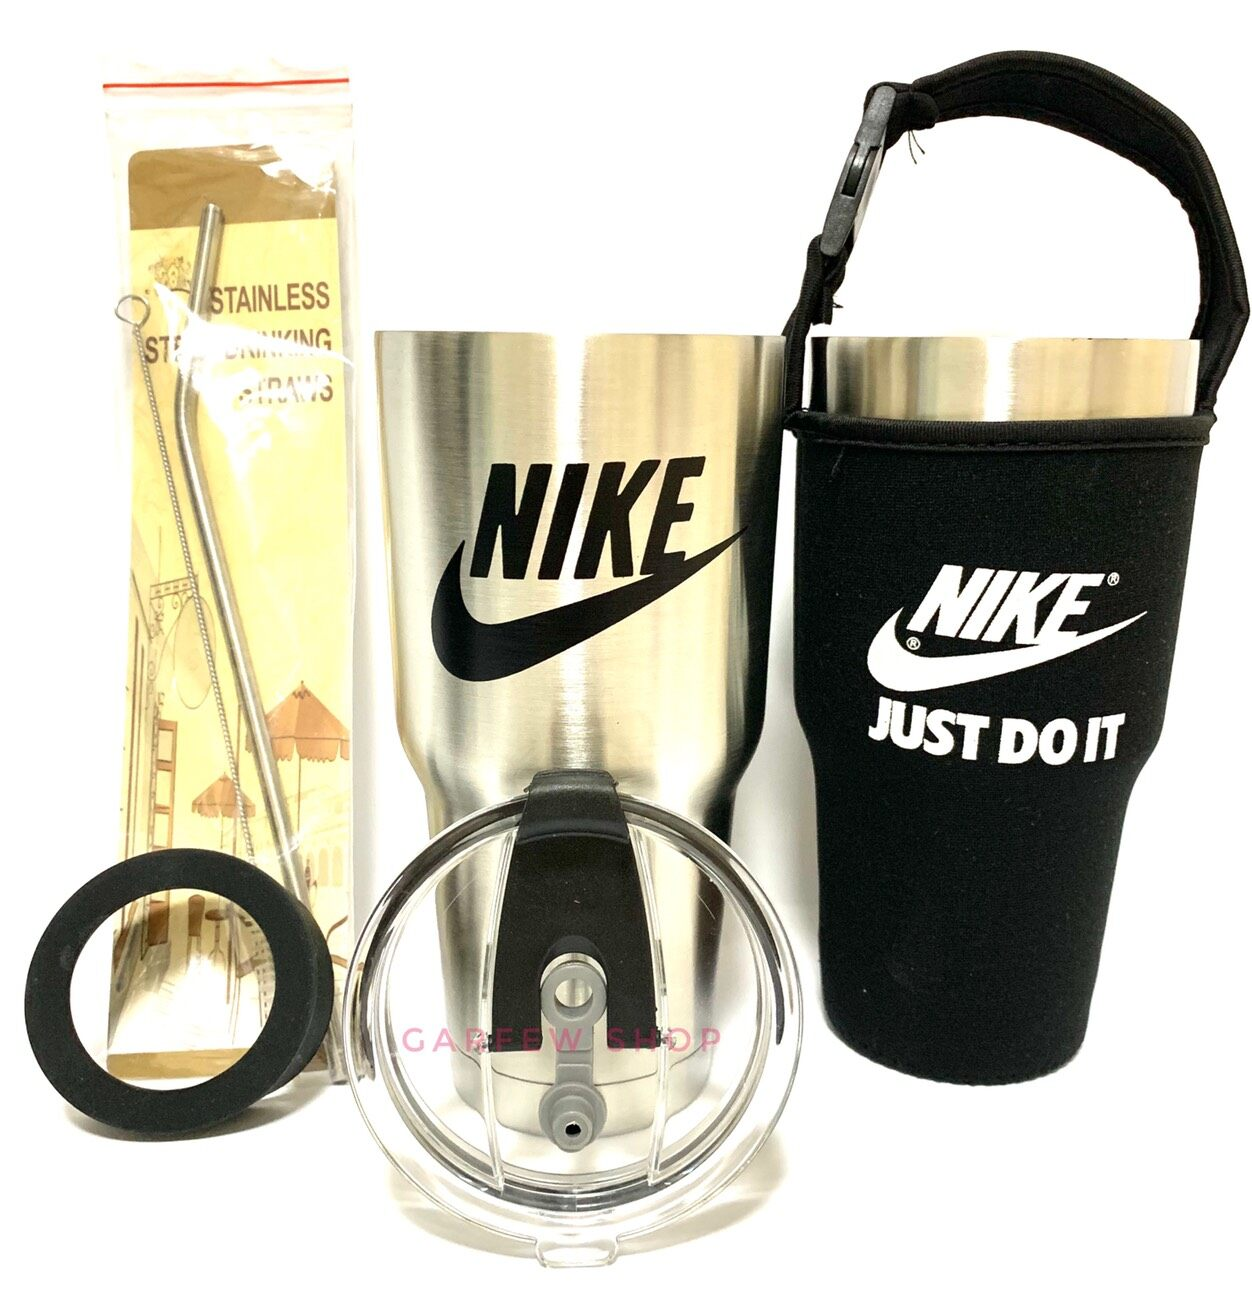 Gf แก้วเยติ เก็บอุณหภูมิ ร้อน เย็น ลาย Nike ไนกี้ สีแสตนเลส ฟรี !! ถุงใส่แก้ว + หลอดแสตนเลส พร้อมแปรงล้าง + ยางรองแก้ว (คละสี).